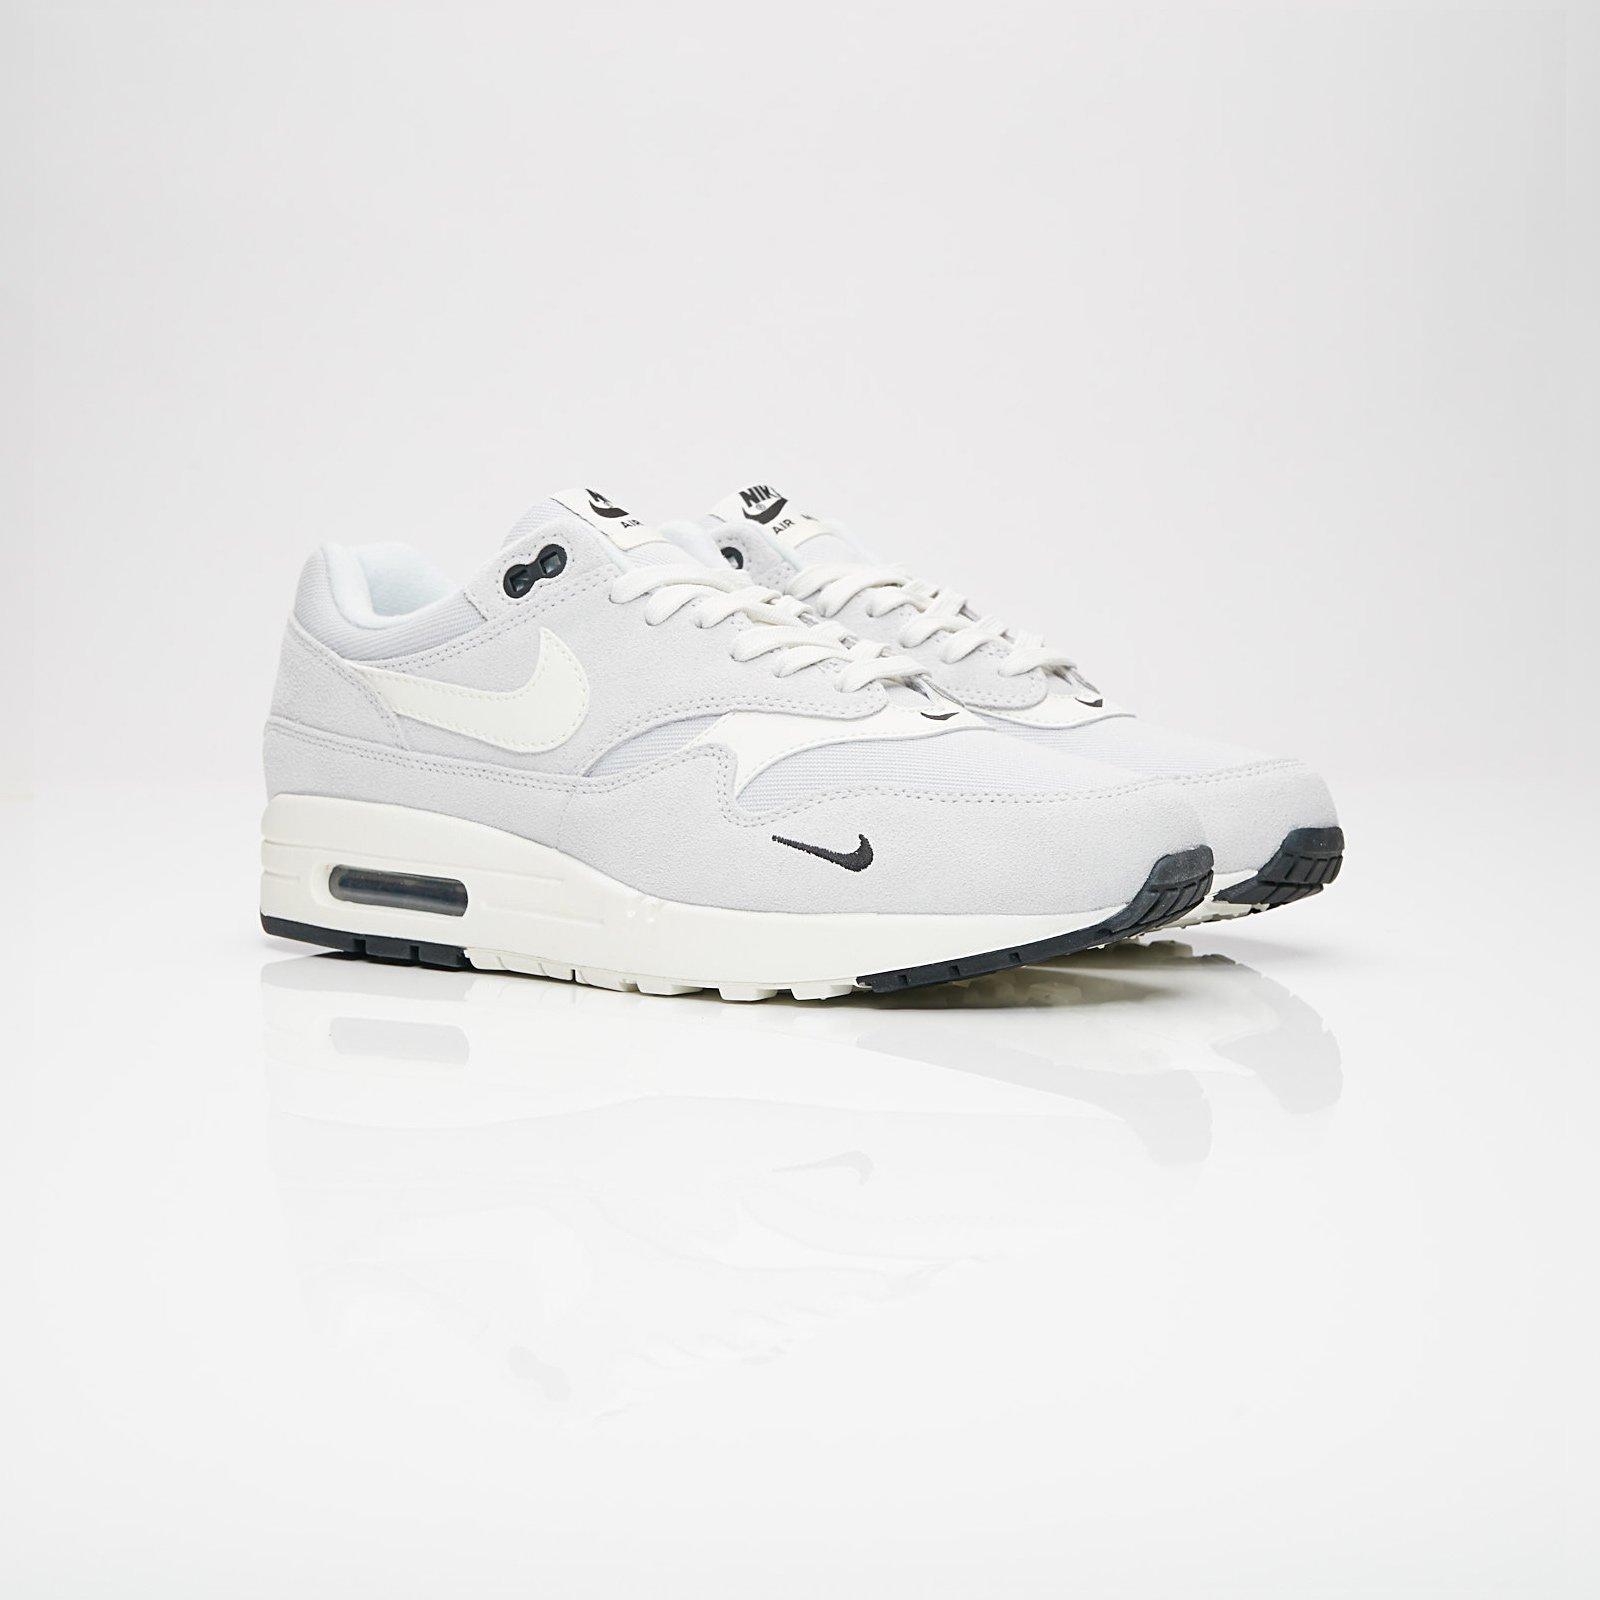 quality design a8c33 59d59 Nike Sportswear Air Max 1 Premium